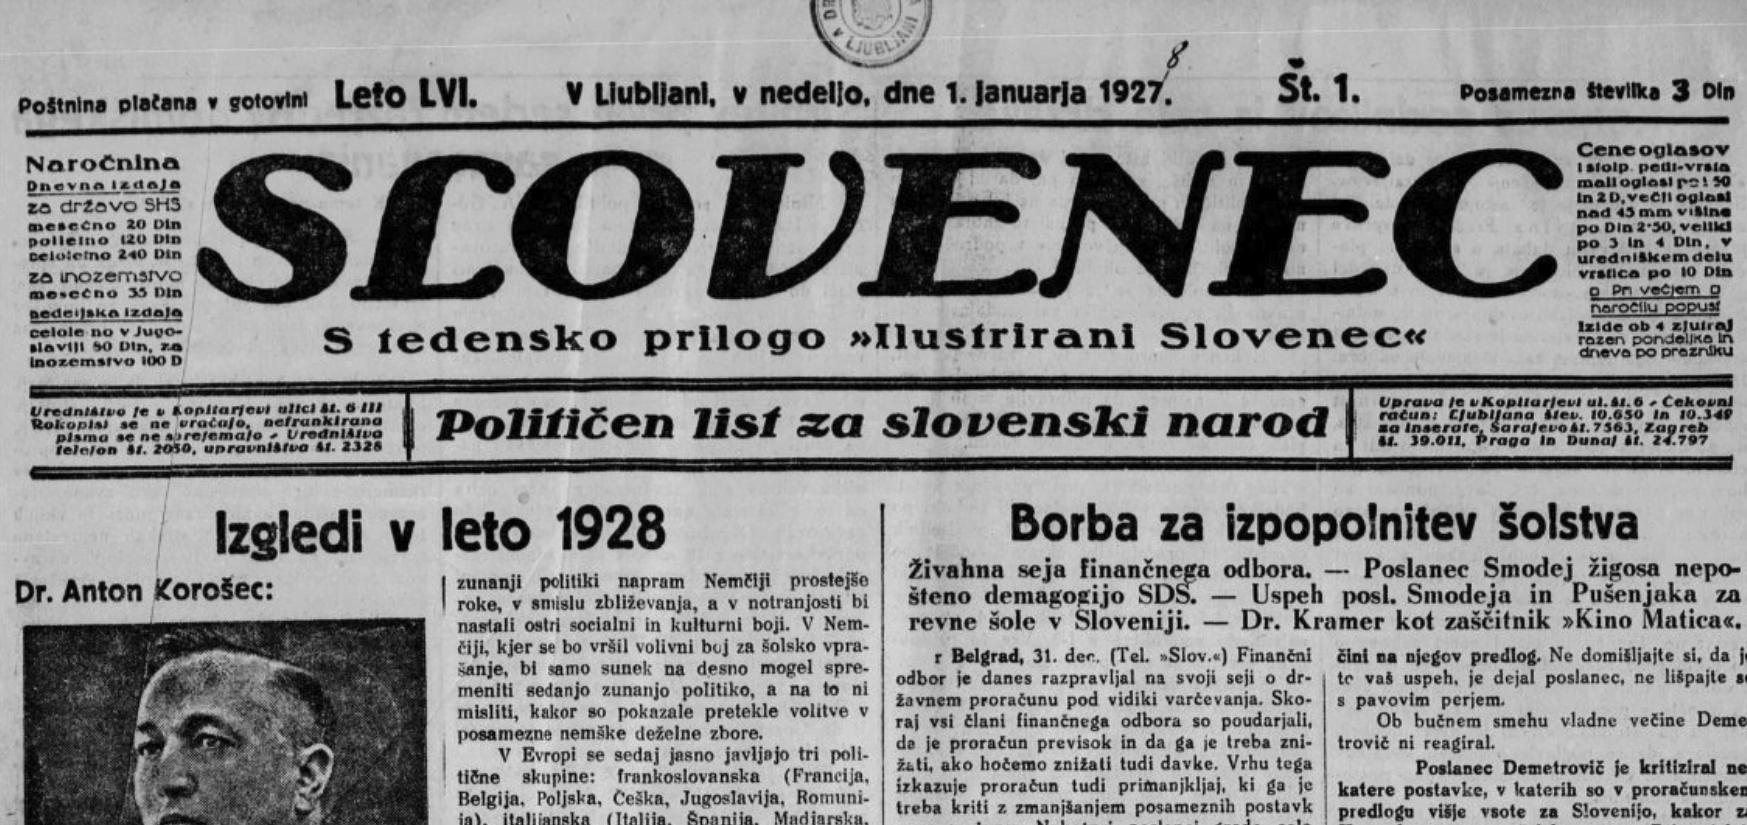 slovenec, 1, 1927